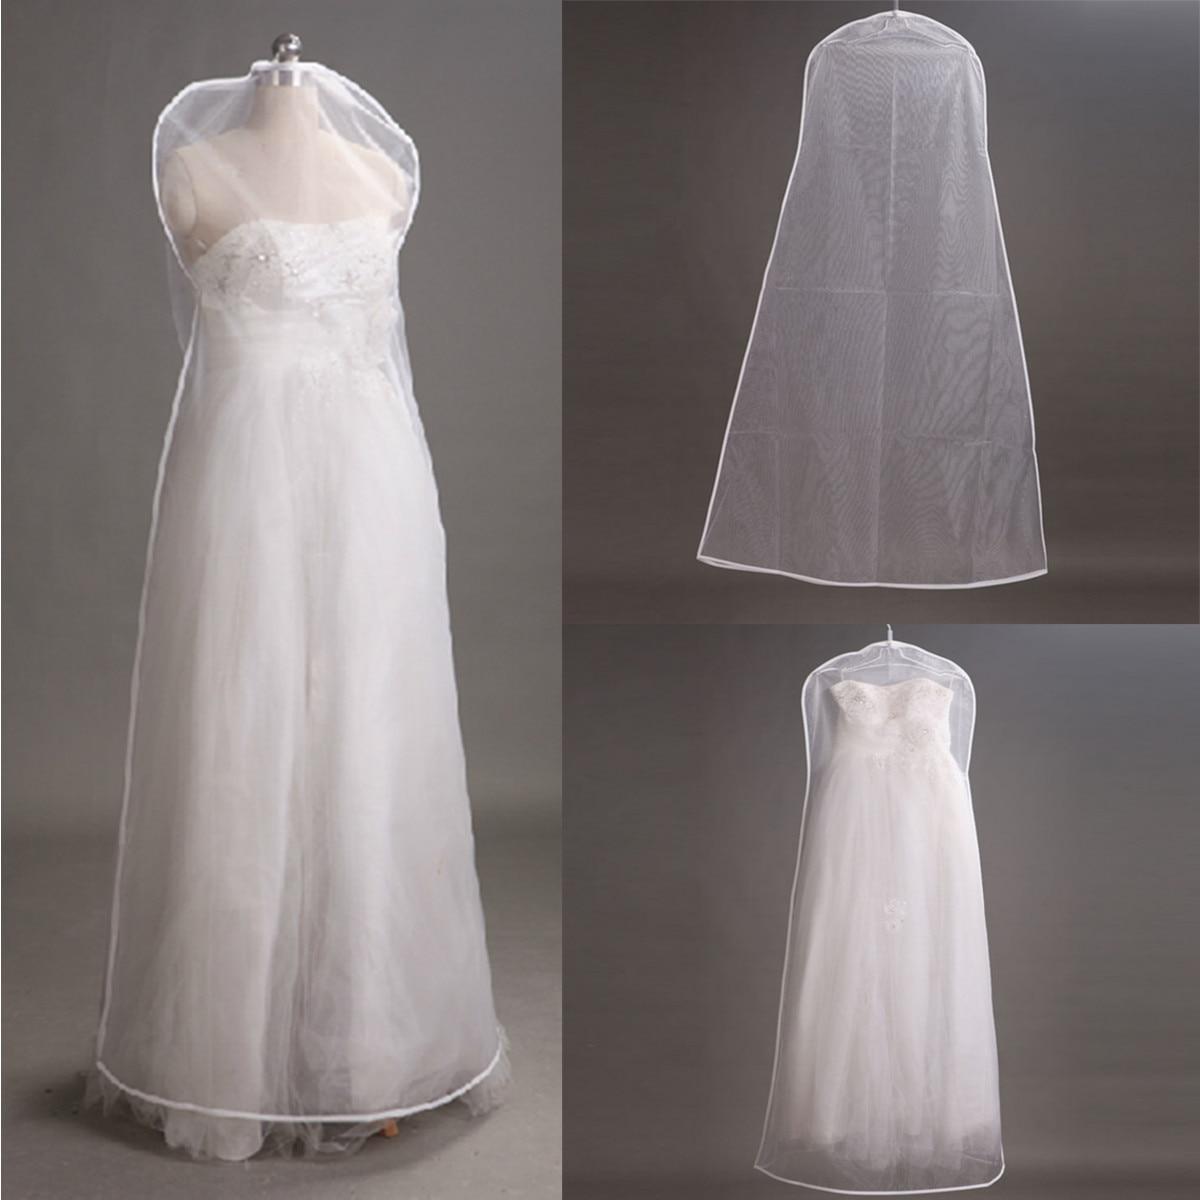 Beschermhoes voor trouwjurk